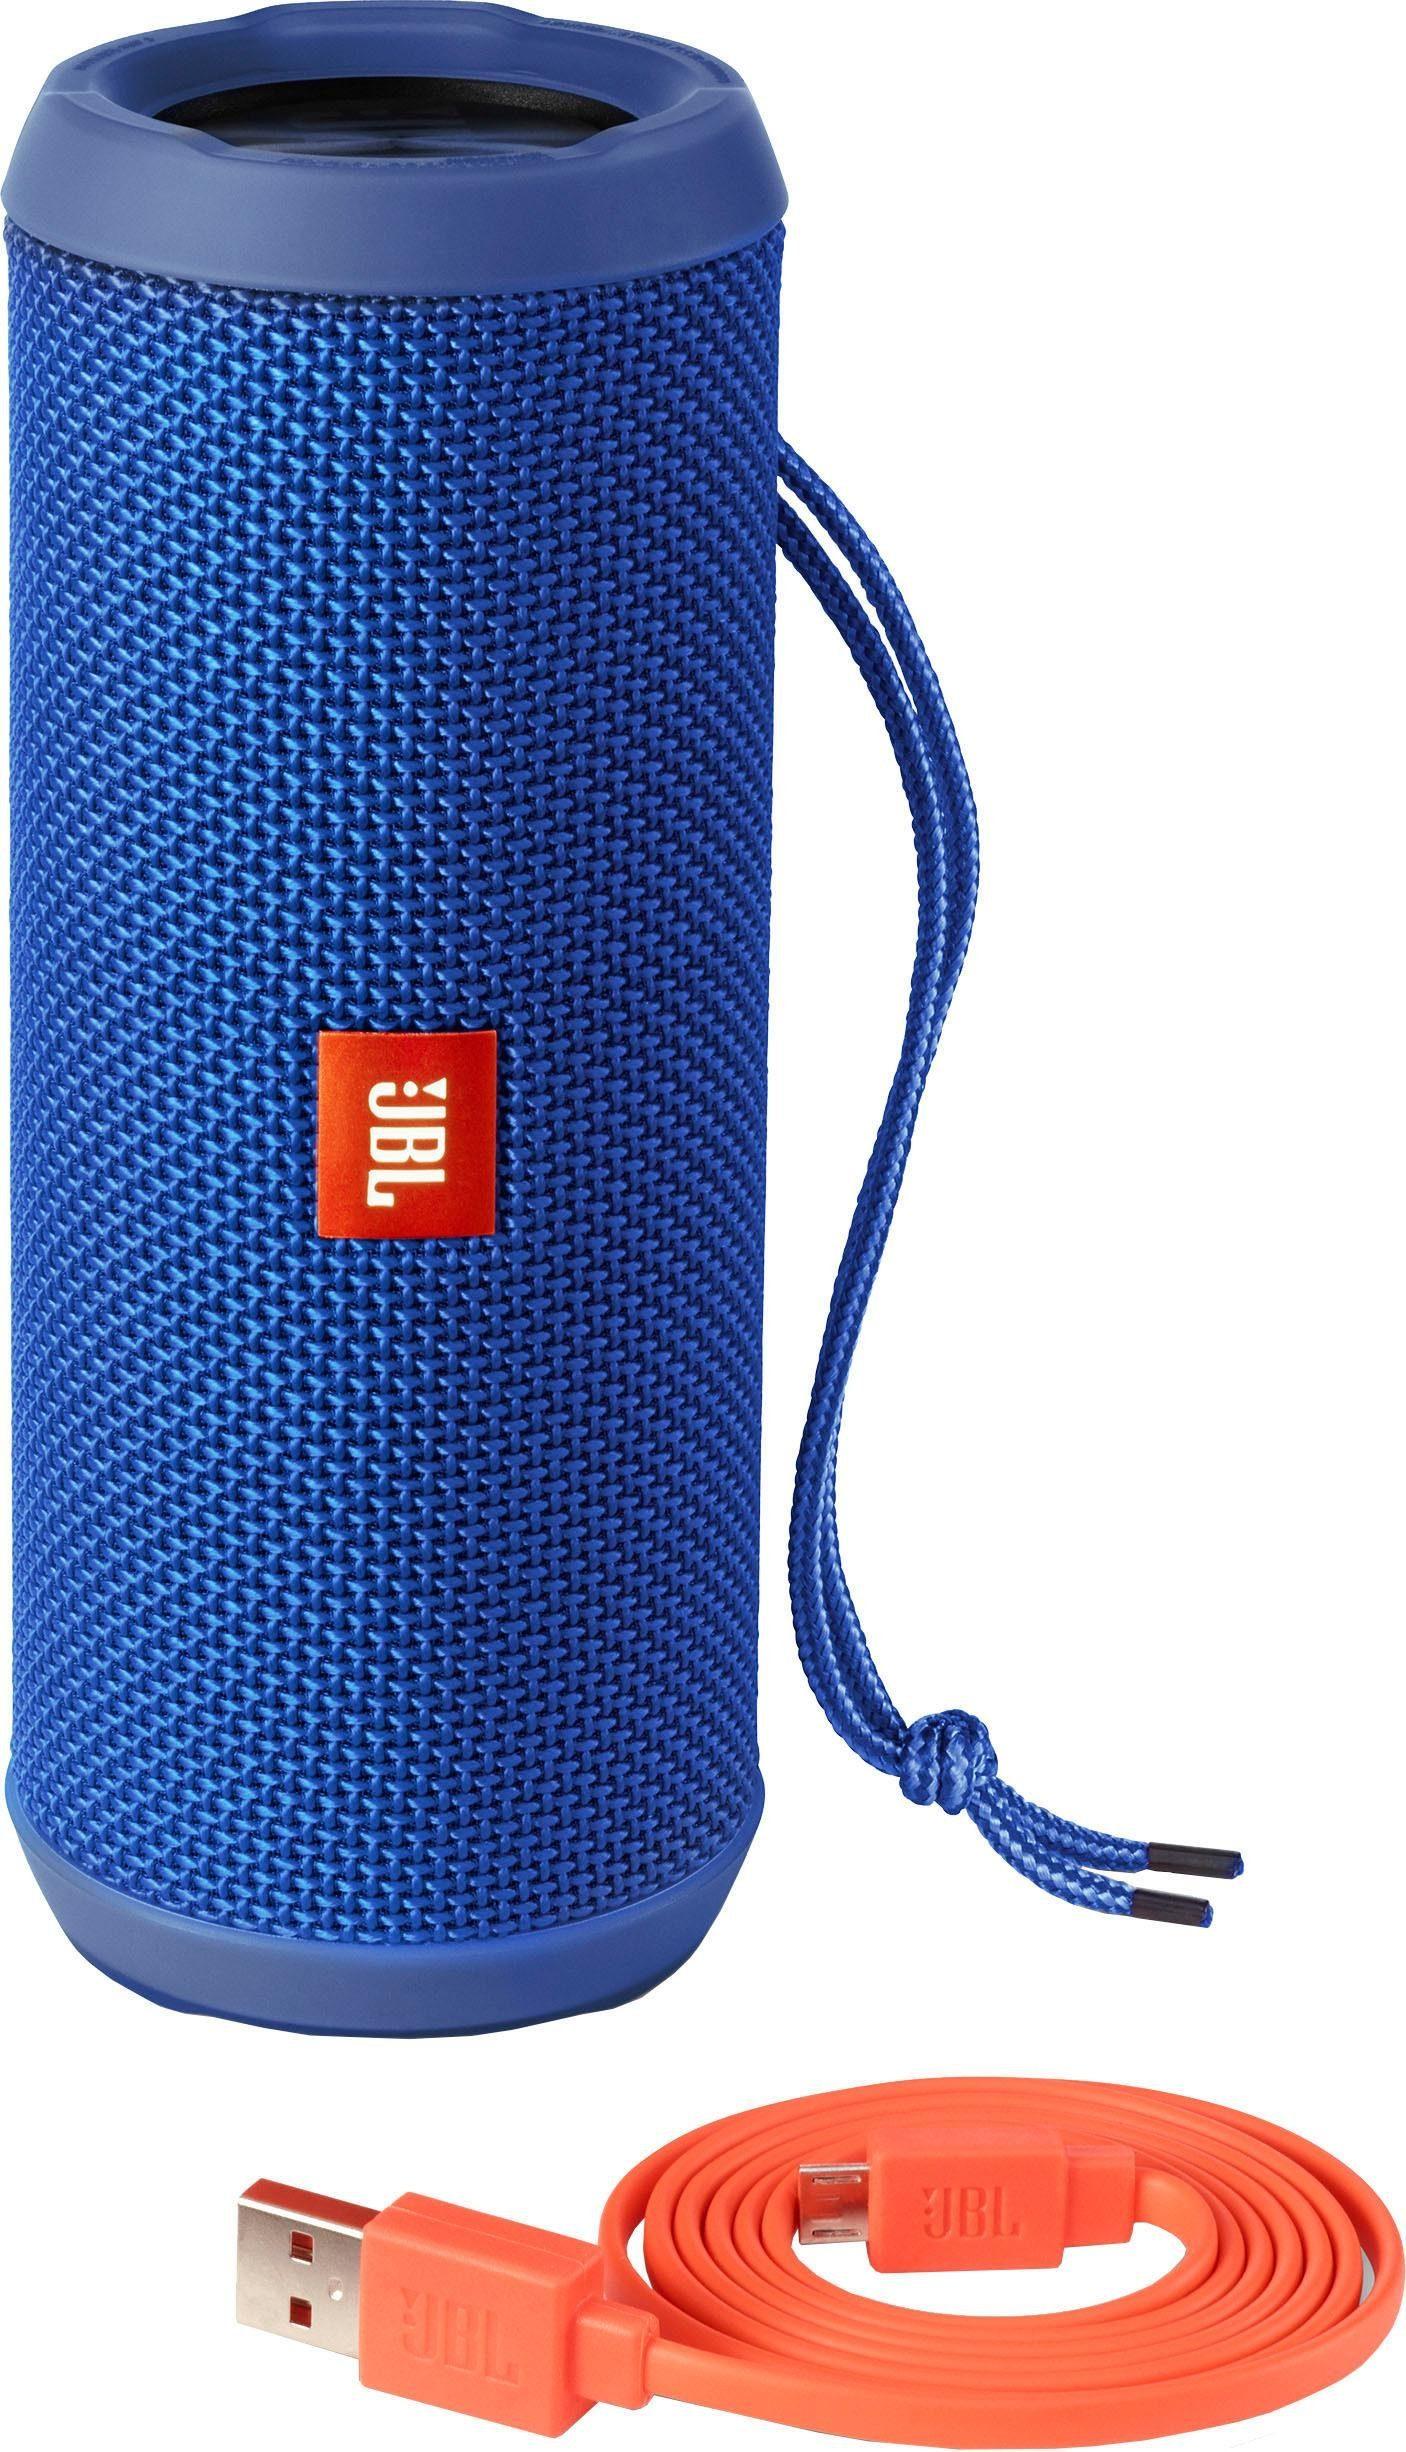 JBL Flip 3 Portable-Lautsprecher (Bluetooth, Freisprechfunktion, Sprachsteuerung, 16 W)